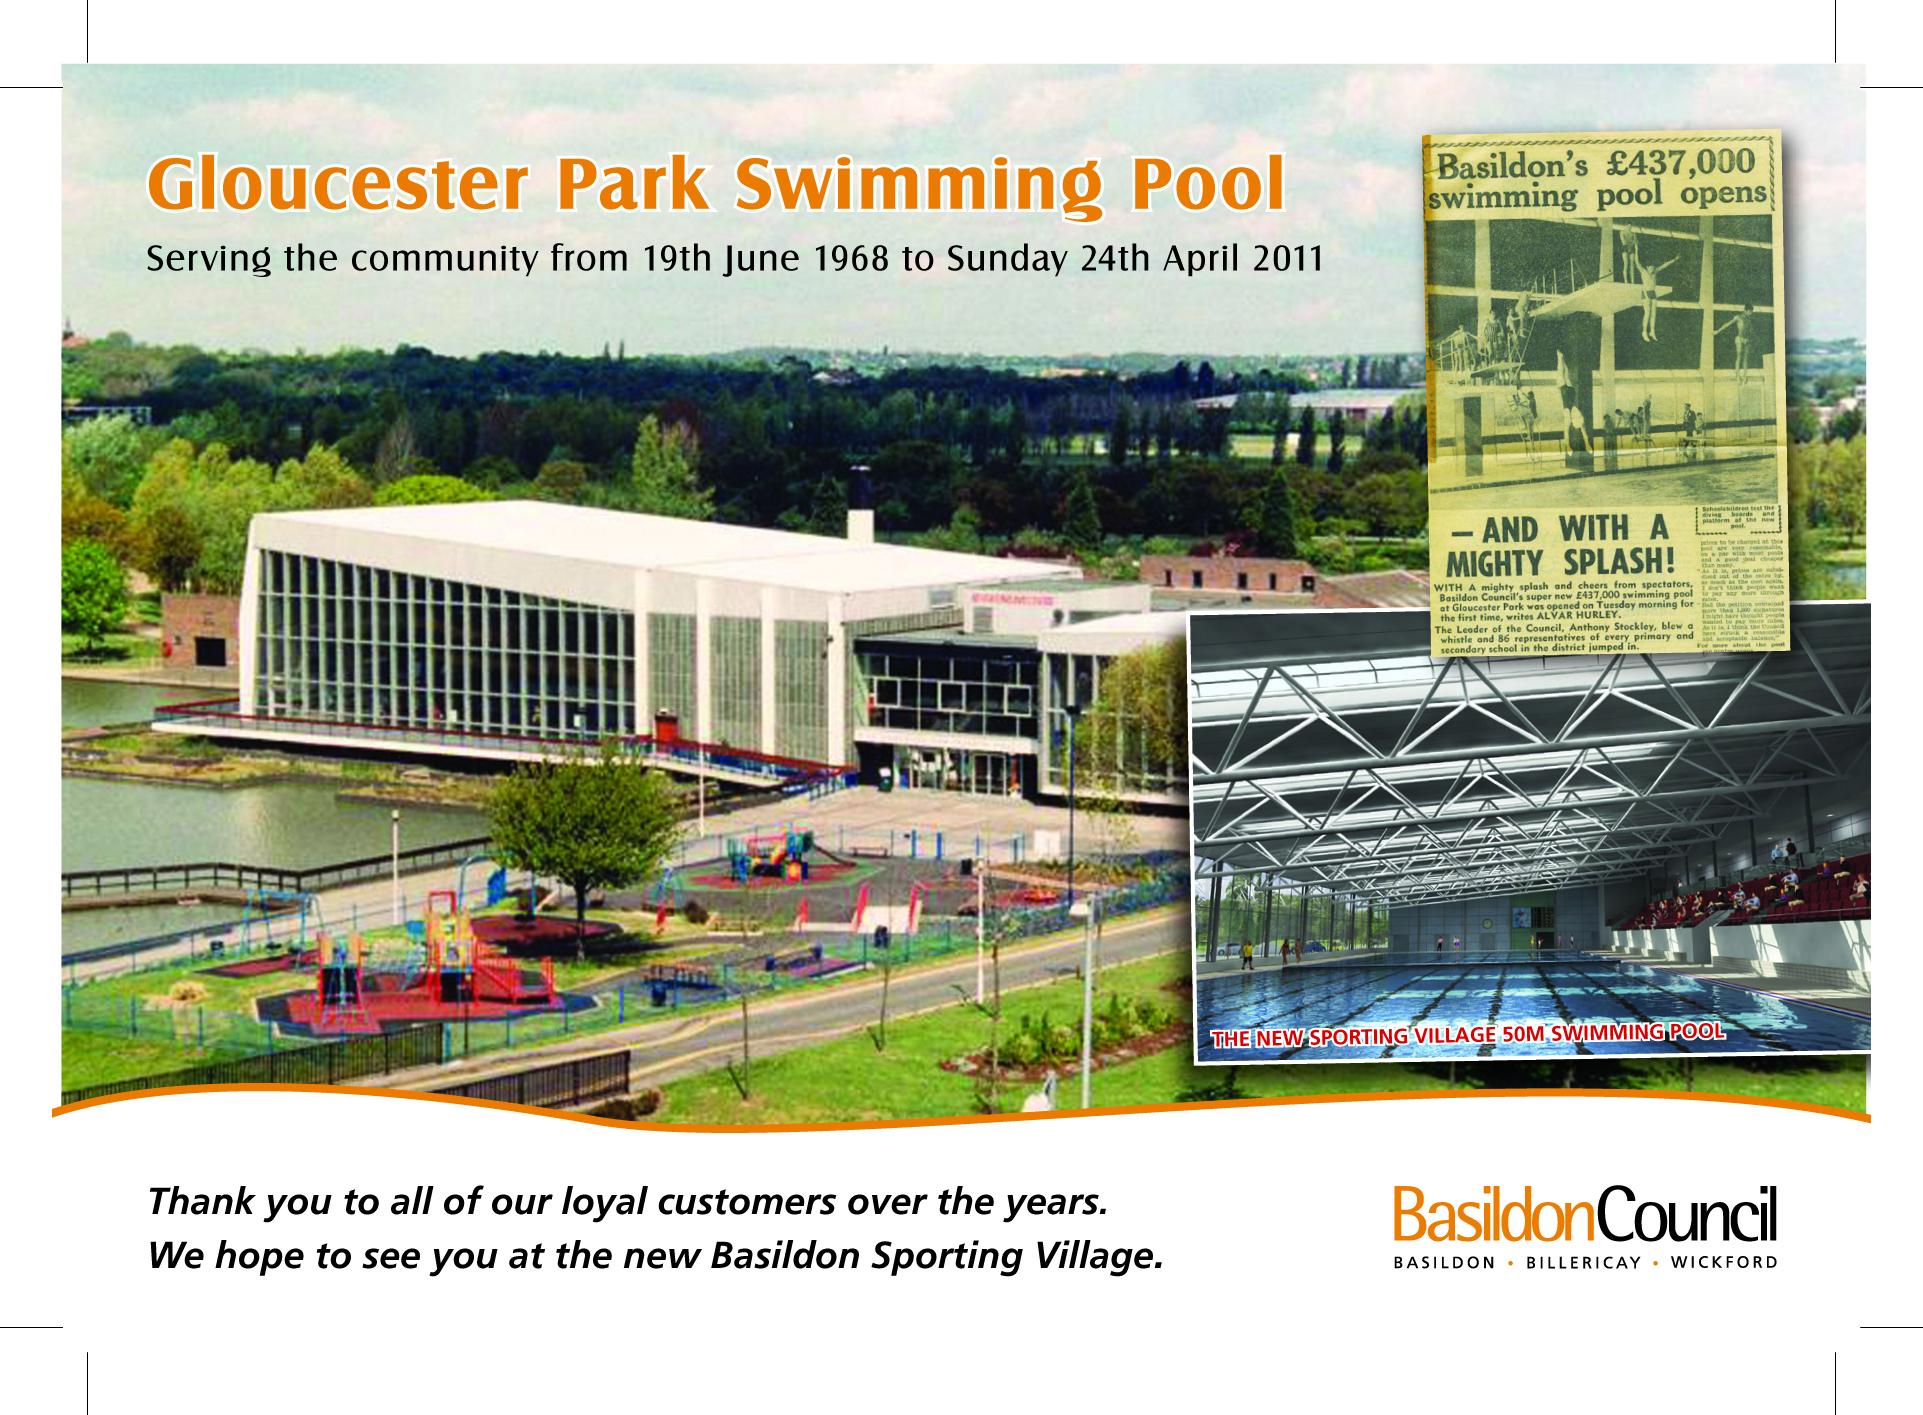 Basildon Council Final Splash At Gloucester Park Pool